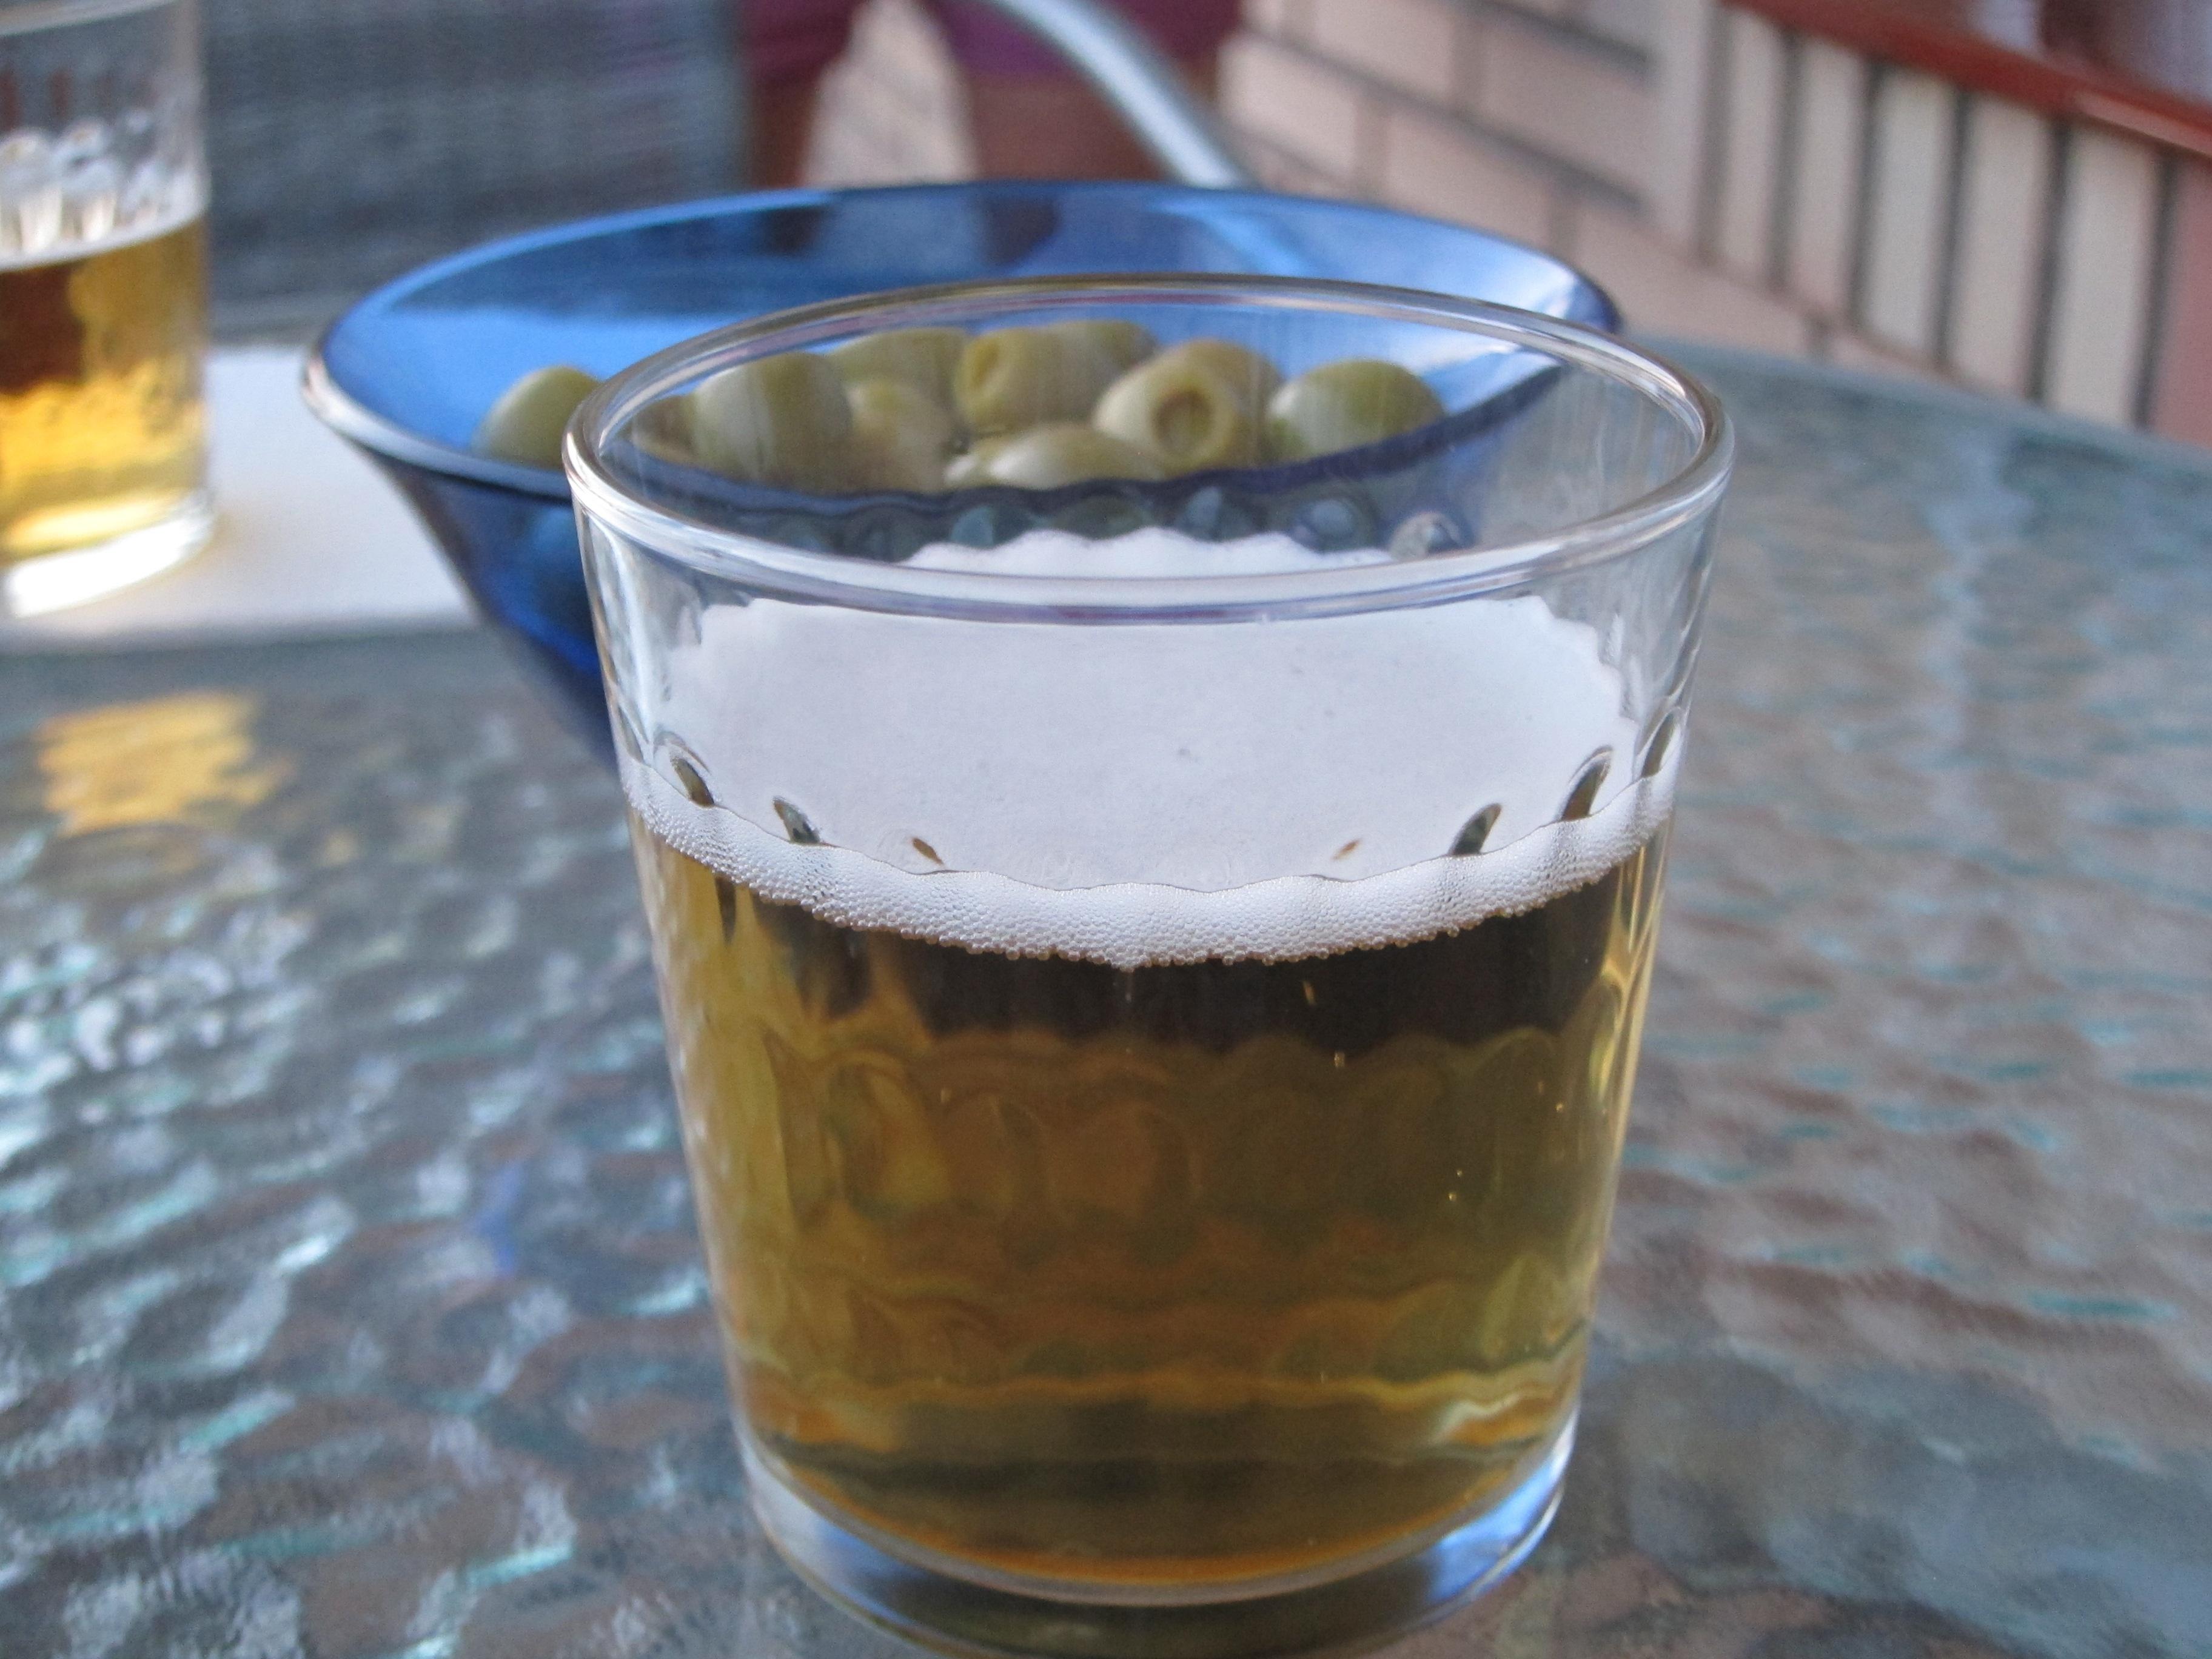 El consumo moderado de cerveza puede mejorar la función cardiaca global tras sufrir un infarto